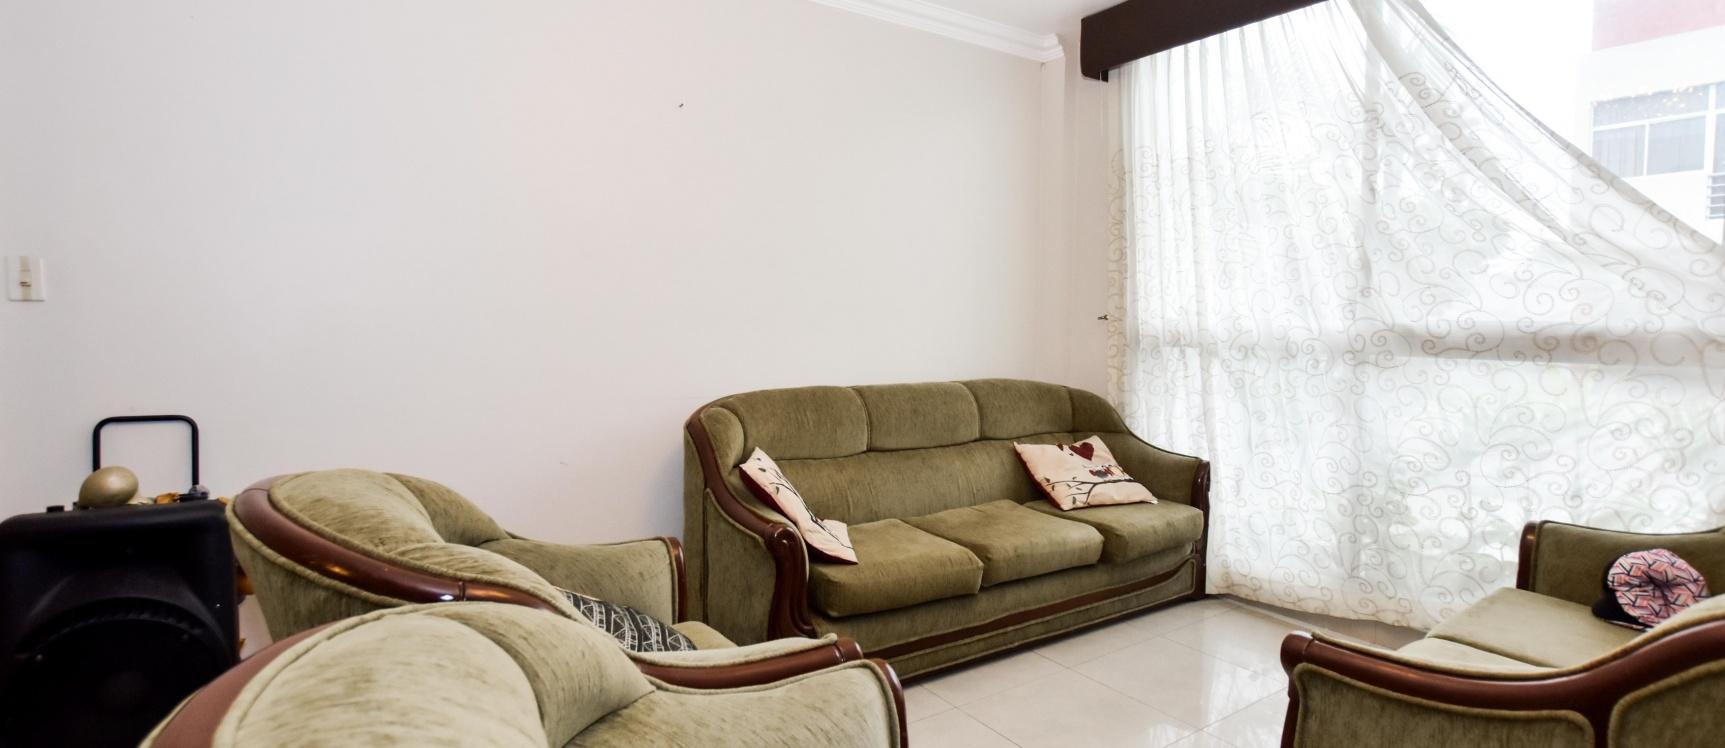 GeoBienes - Casa en venta urbanización Belo Horizonte Etapa Perugia - Plusvalia Guayaquil Casas de venta y alquiler Inmobiliaria Ecuador